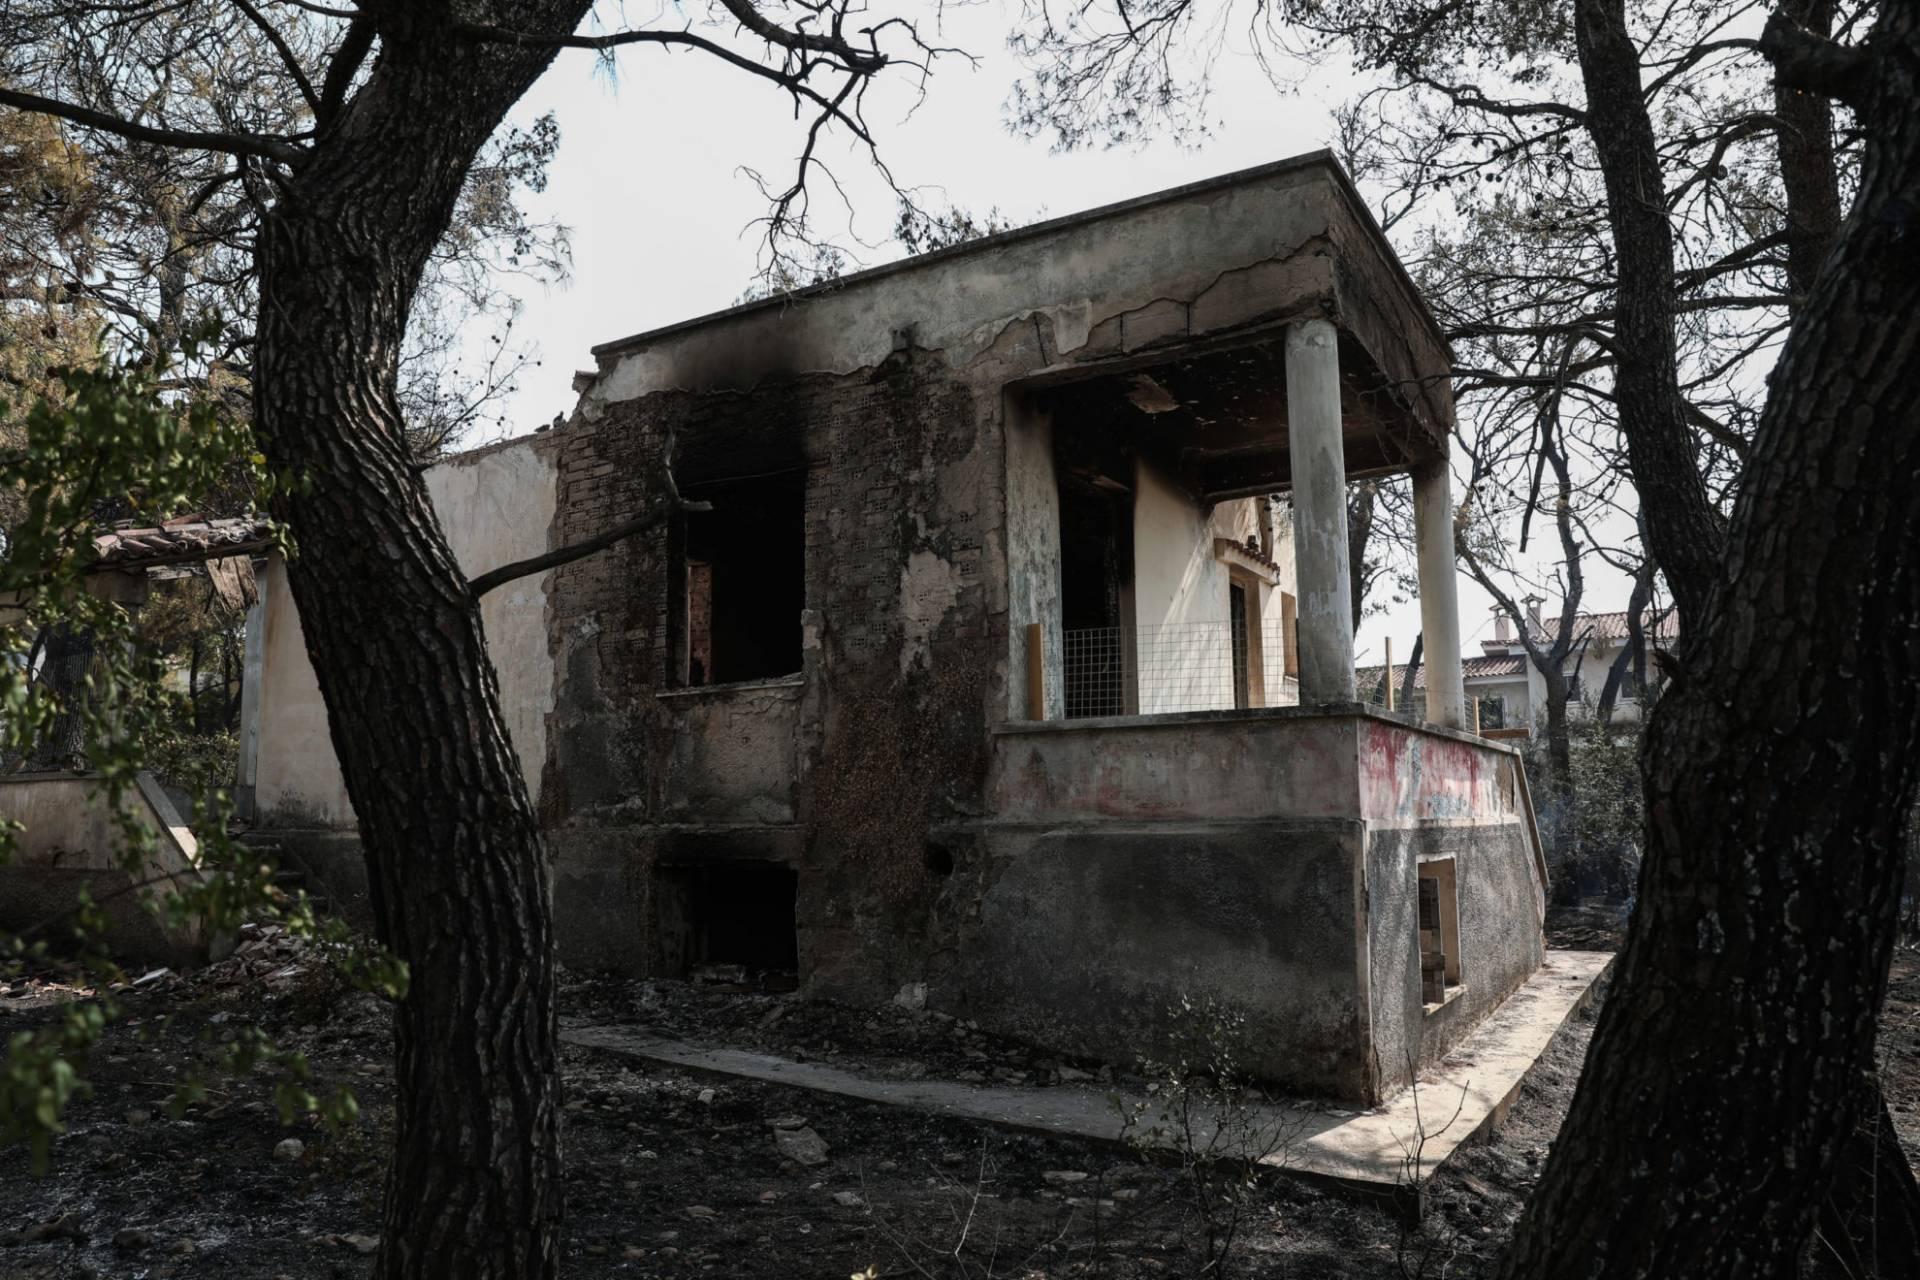 Φωτιές – Πώς και πότε θα αποζημιωθούν οι πυρόπληκτοι